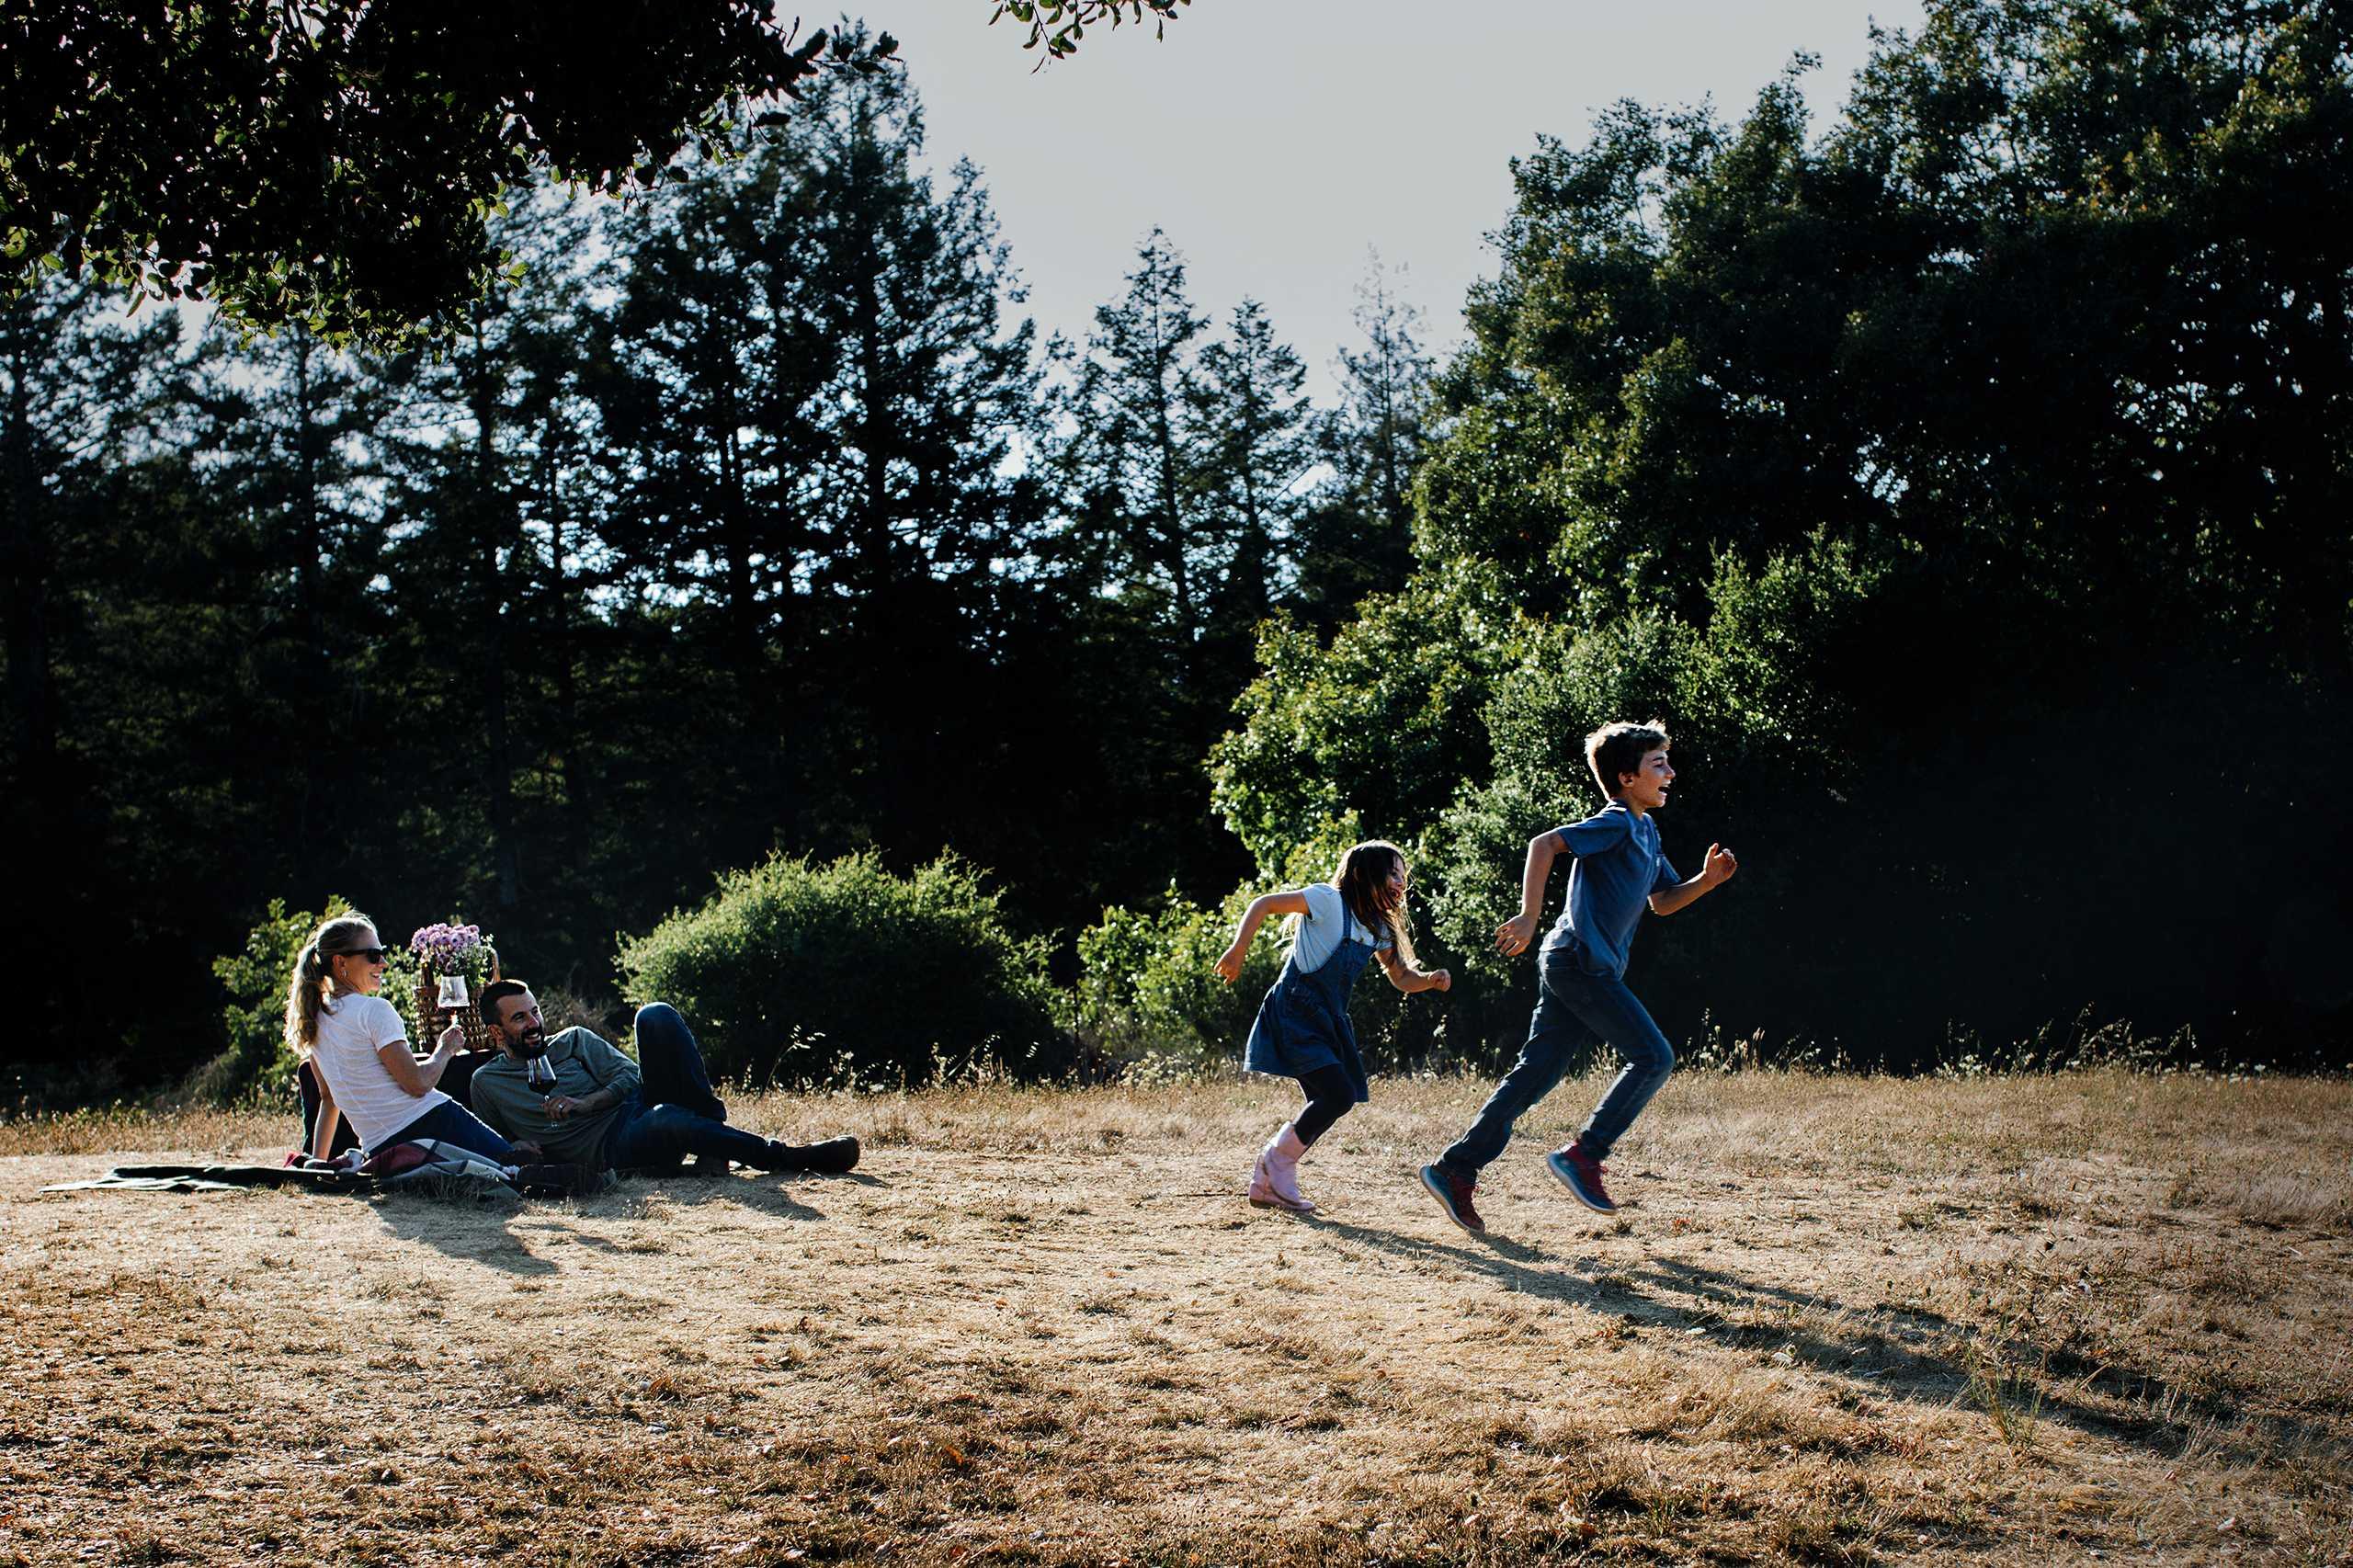 kids running across grass